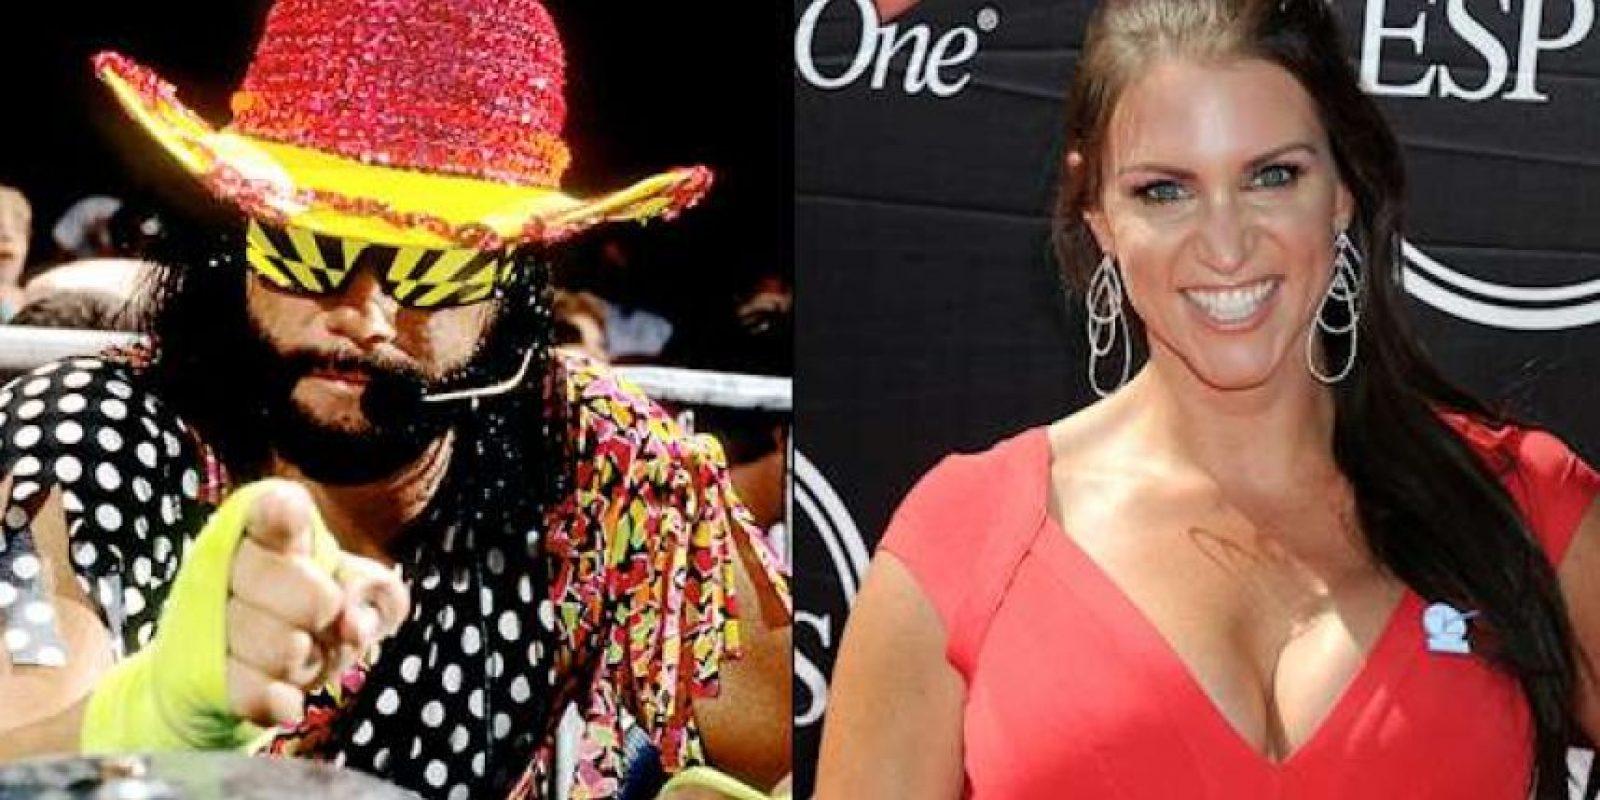 A diferencia de otras leyendas Randy Savage no pudo regresar a retirarse a WWE. Se rumora que la razón es una aventura con Stephanie cuando ella tenía 17 años. Claro que esa relación no gustó a Vince McMahon Foto:WWE